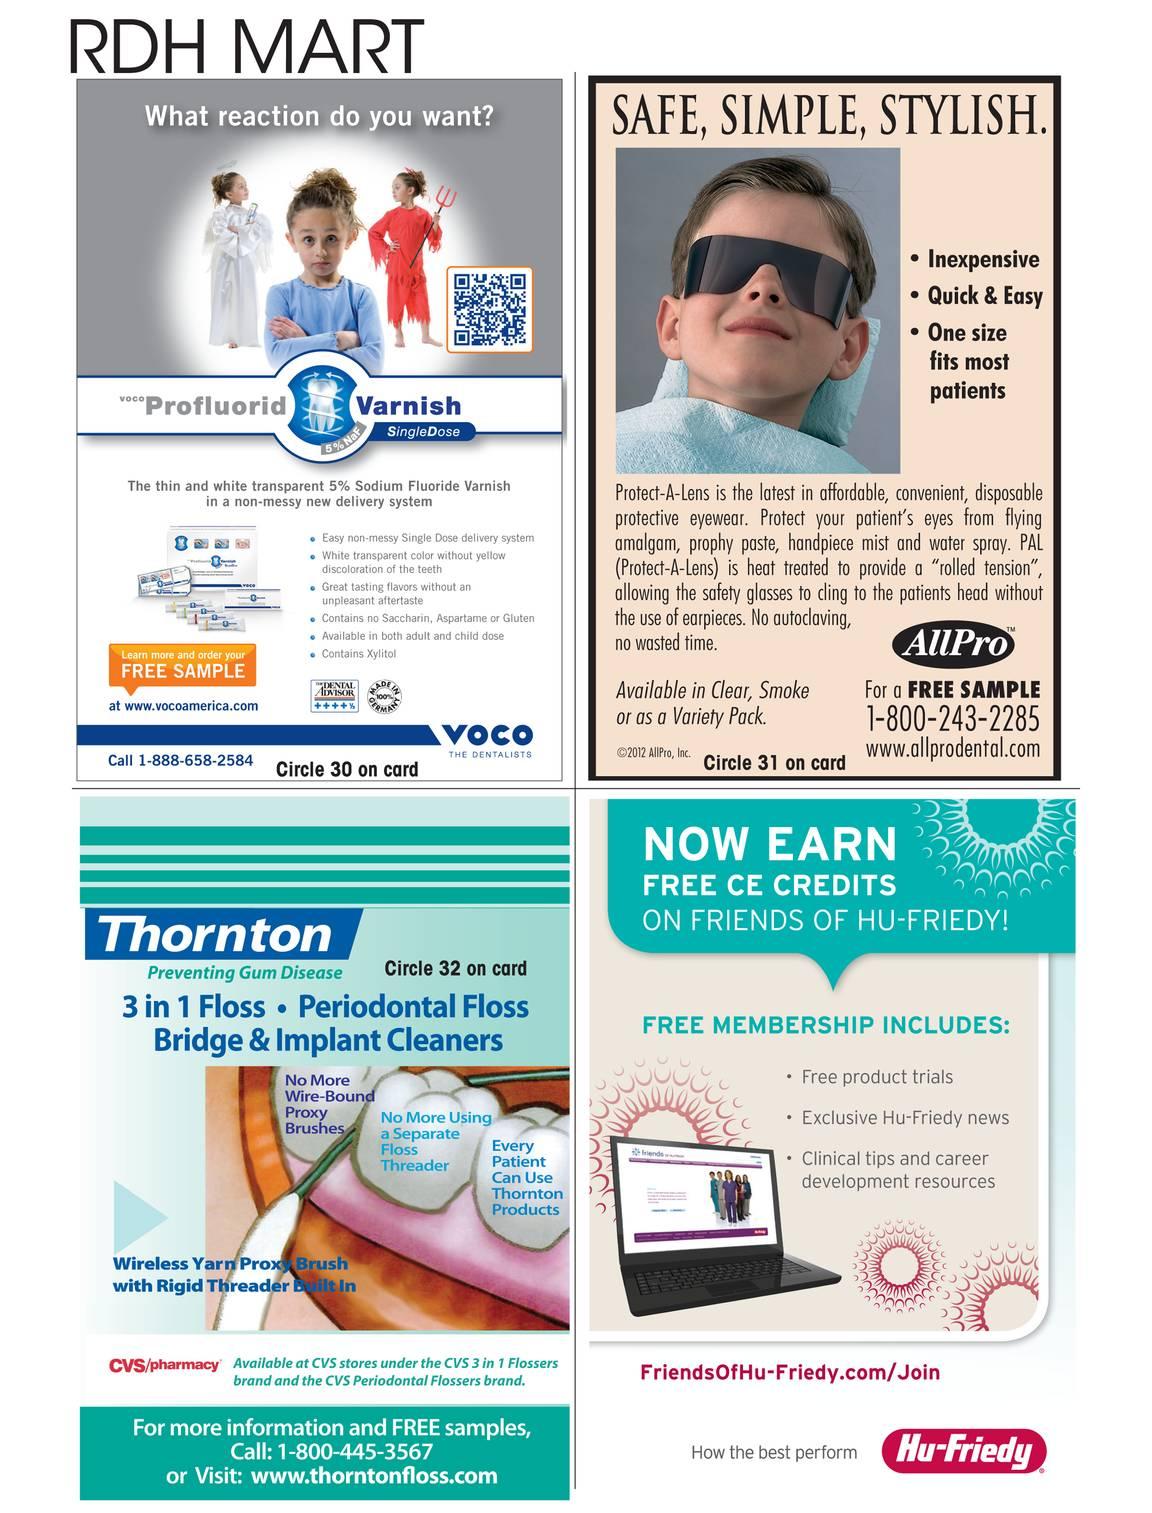 Registered Dental Hygienist - October 2014 - page 106